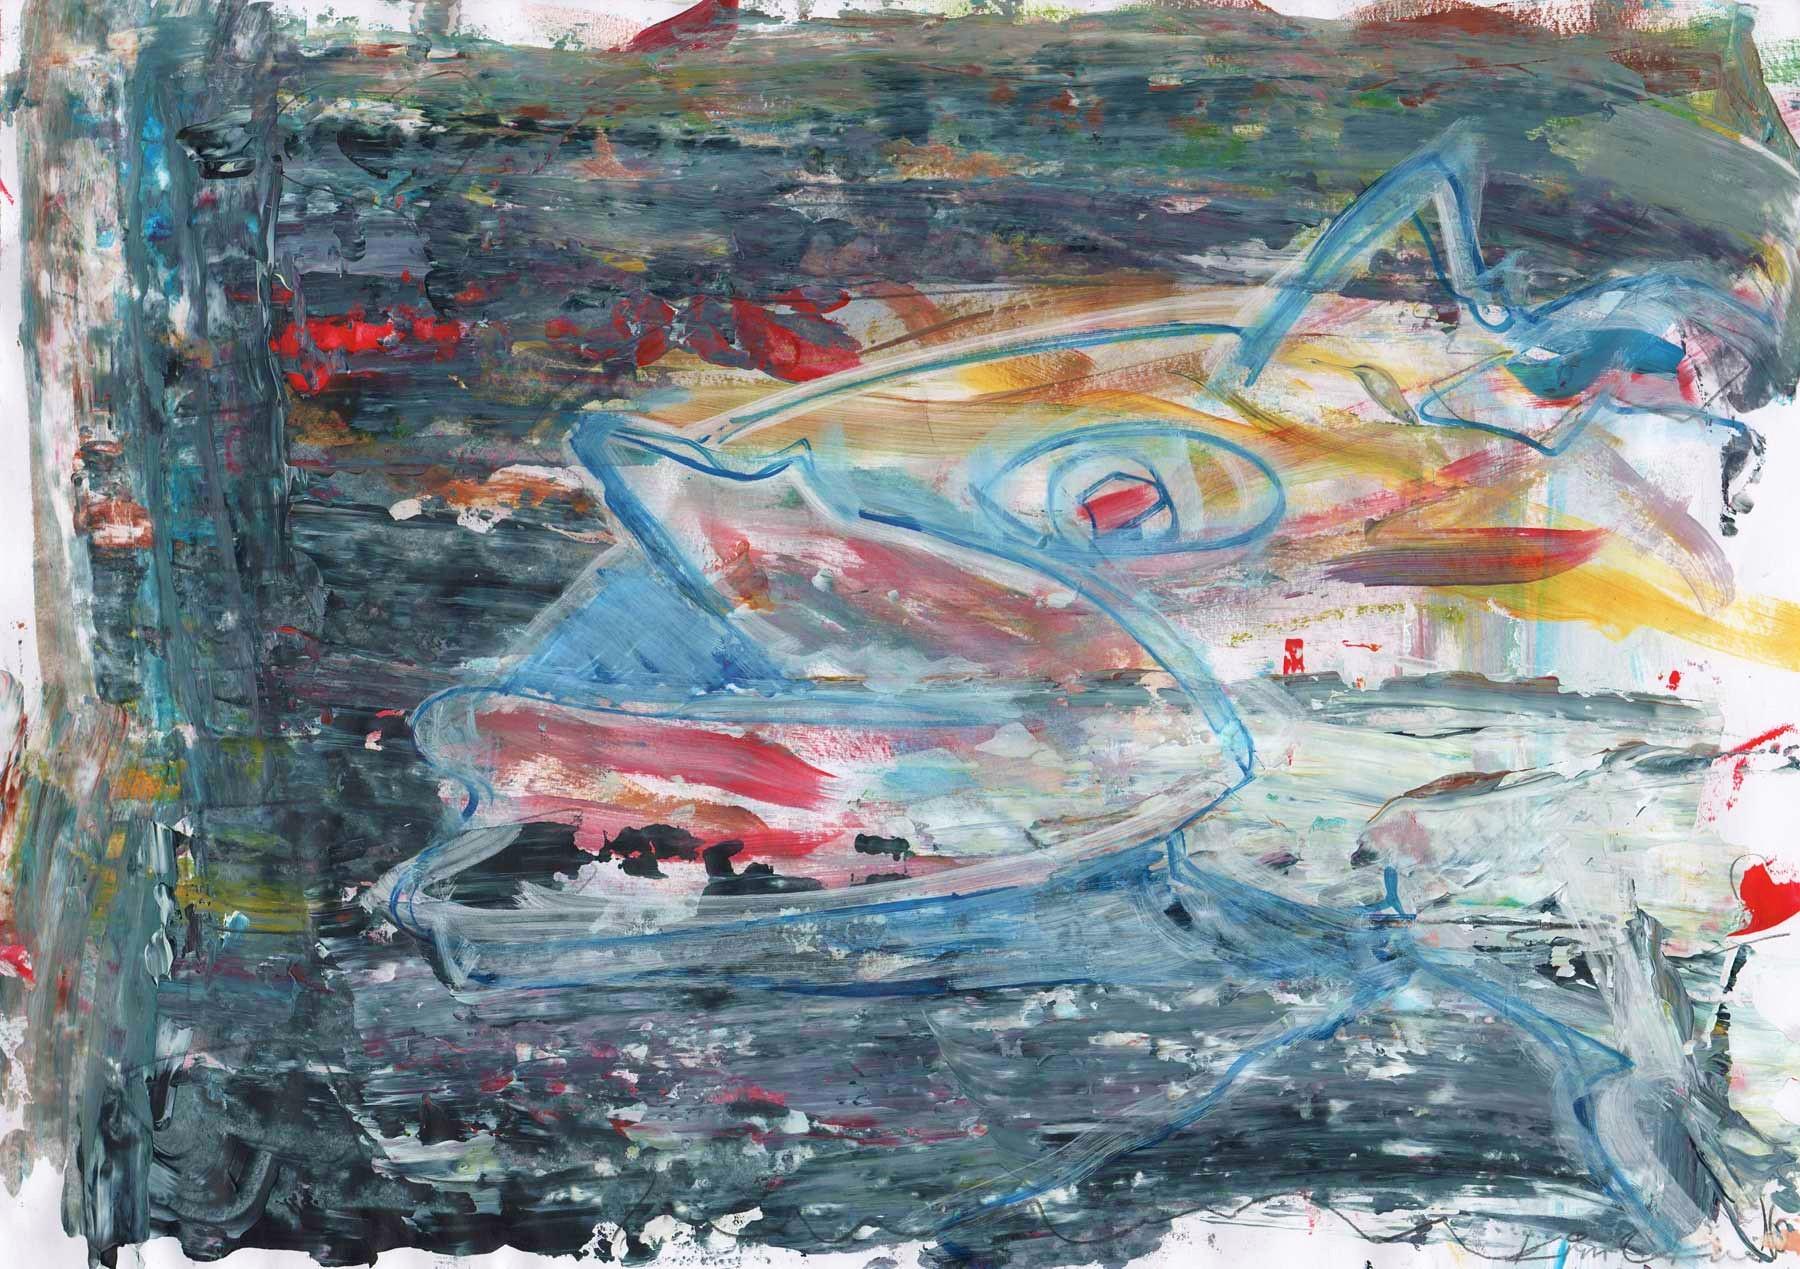 MONSTER FISH Ungeheuer Fisch 2016